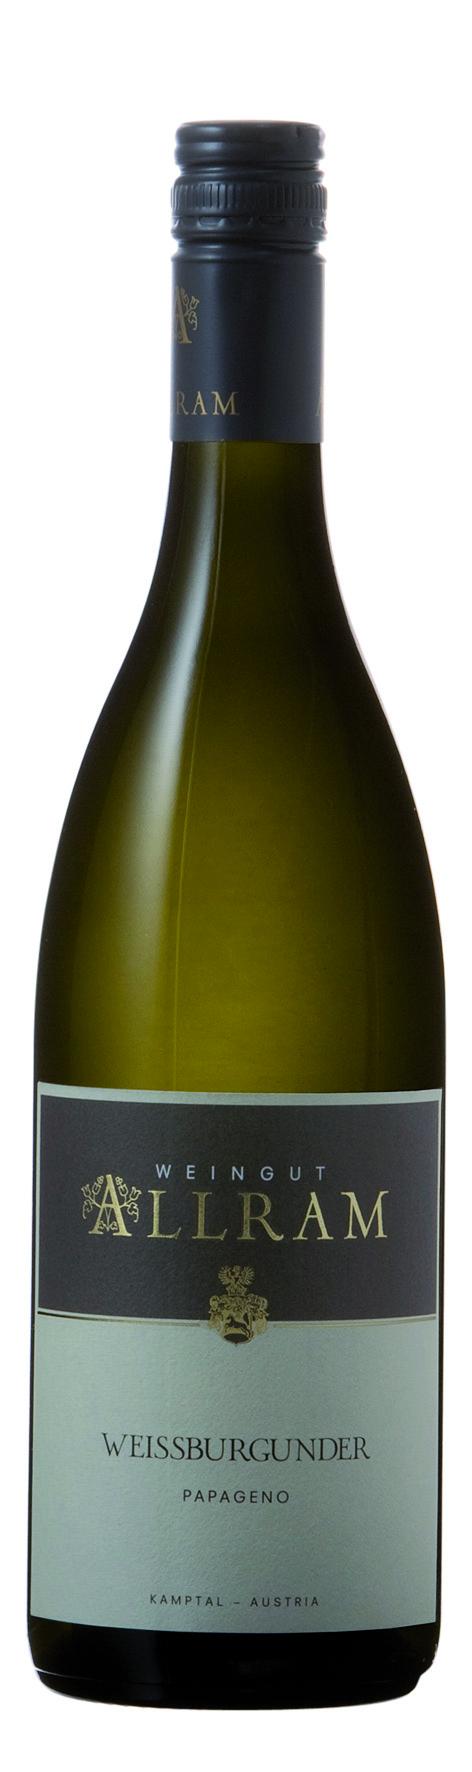 Weingut Allram Weissburgunder, Papageno